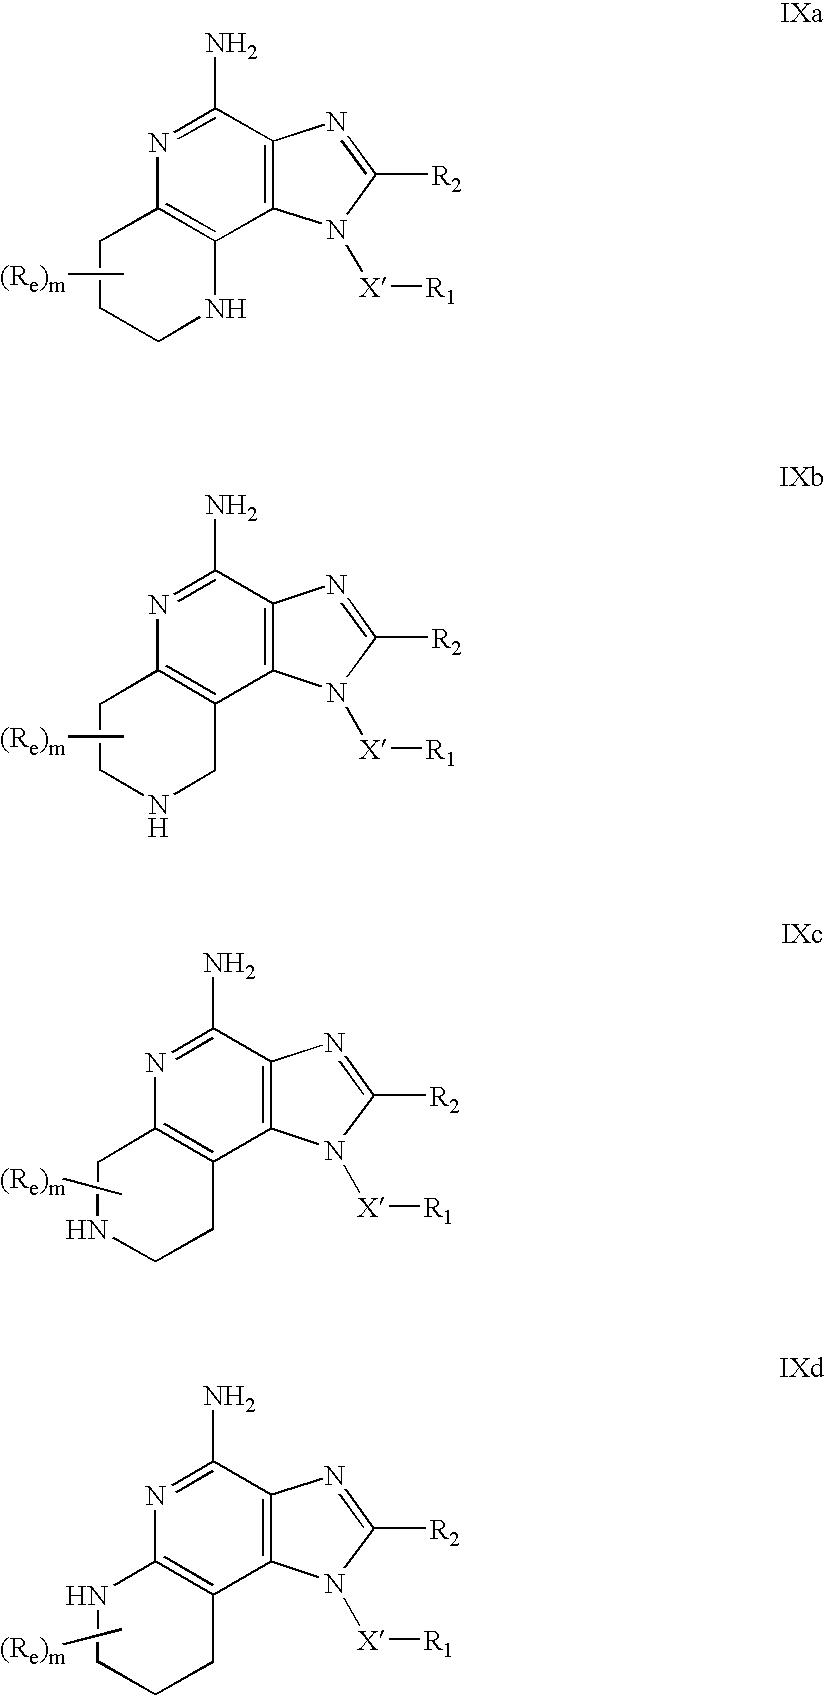 Figure US20070287725A1-20071213-C00004